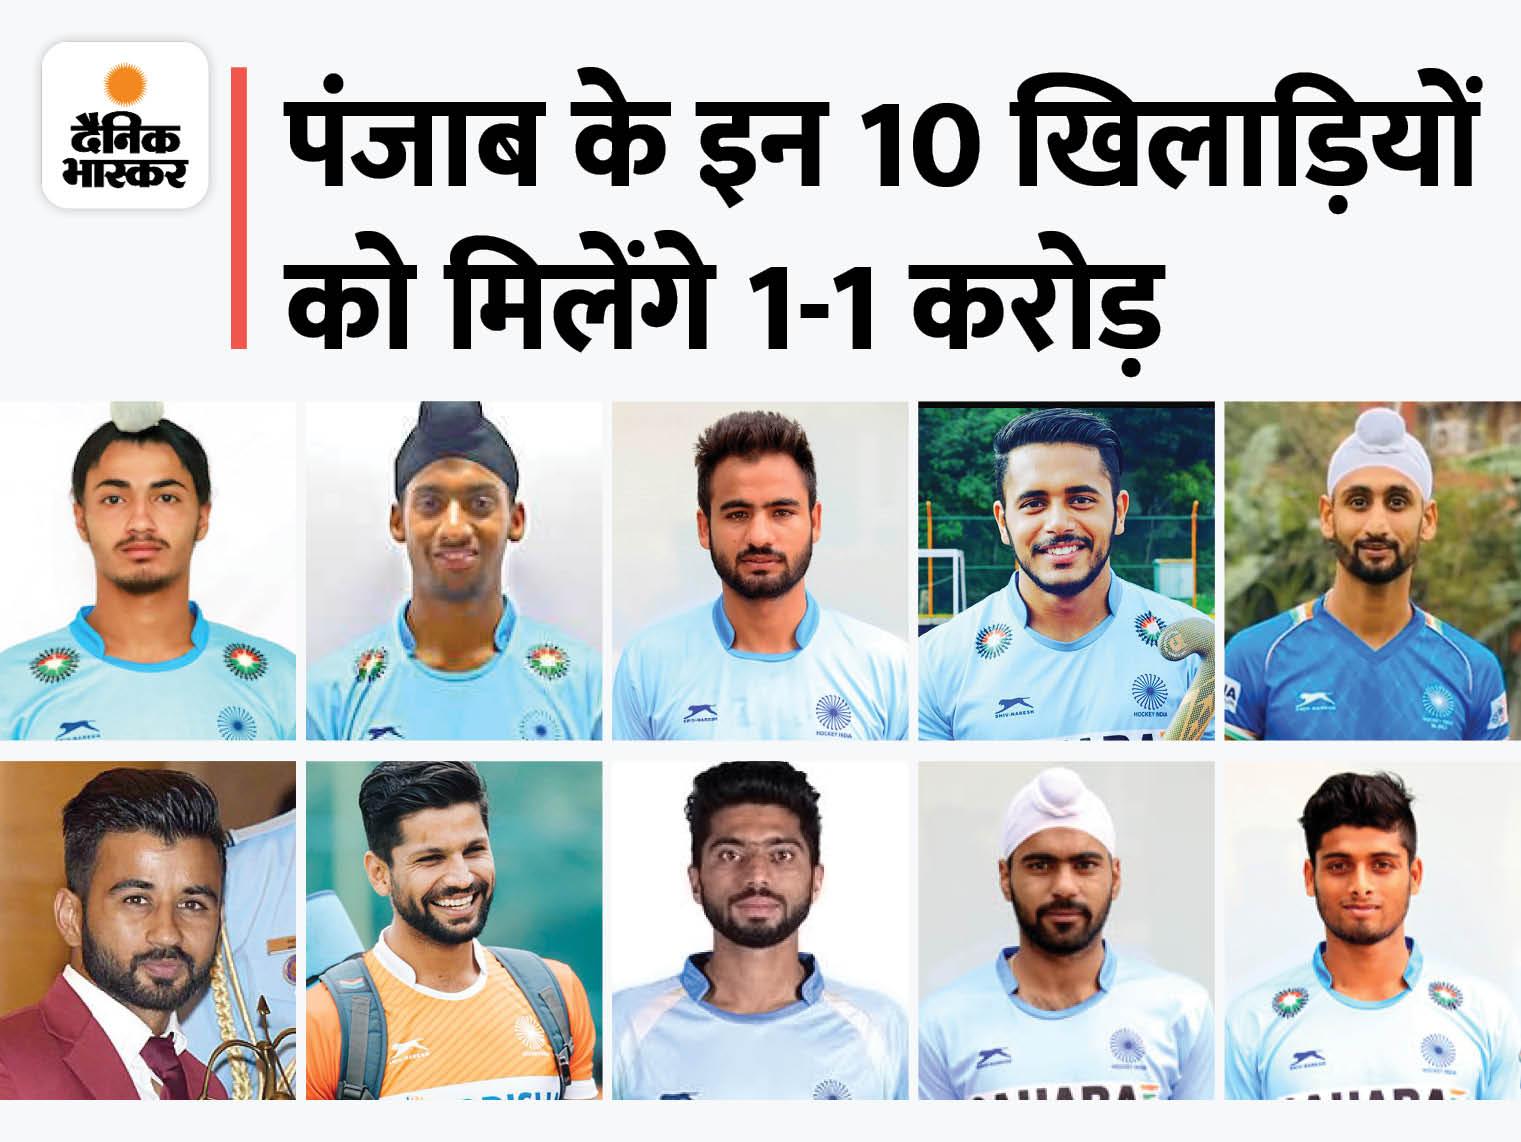 टोक्यो ओलिंपिक में ब्रॉन्ज मेडल जीतने पर खेल मंत्री ने किया ऐलान, बोले- सूबे के इन खिलाड़ियों पर सभी को नाज|लुधियाना,Ludhiana - Dainik Bhaskar